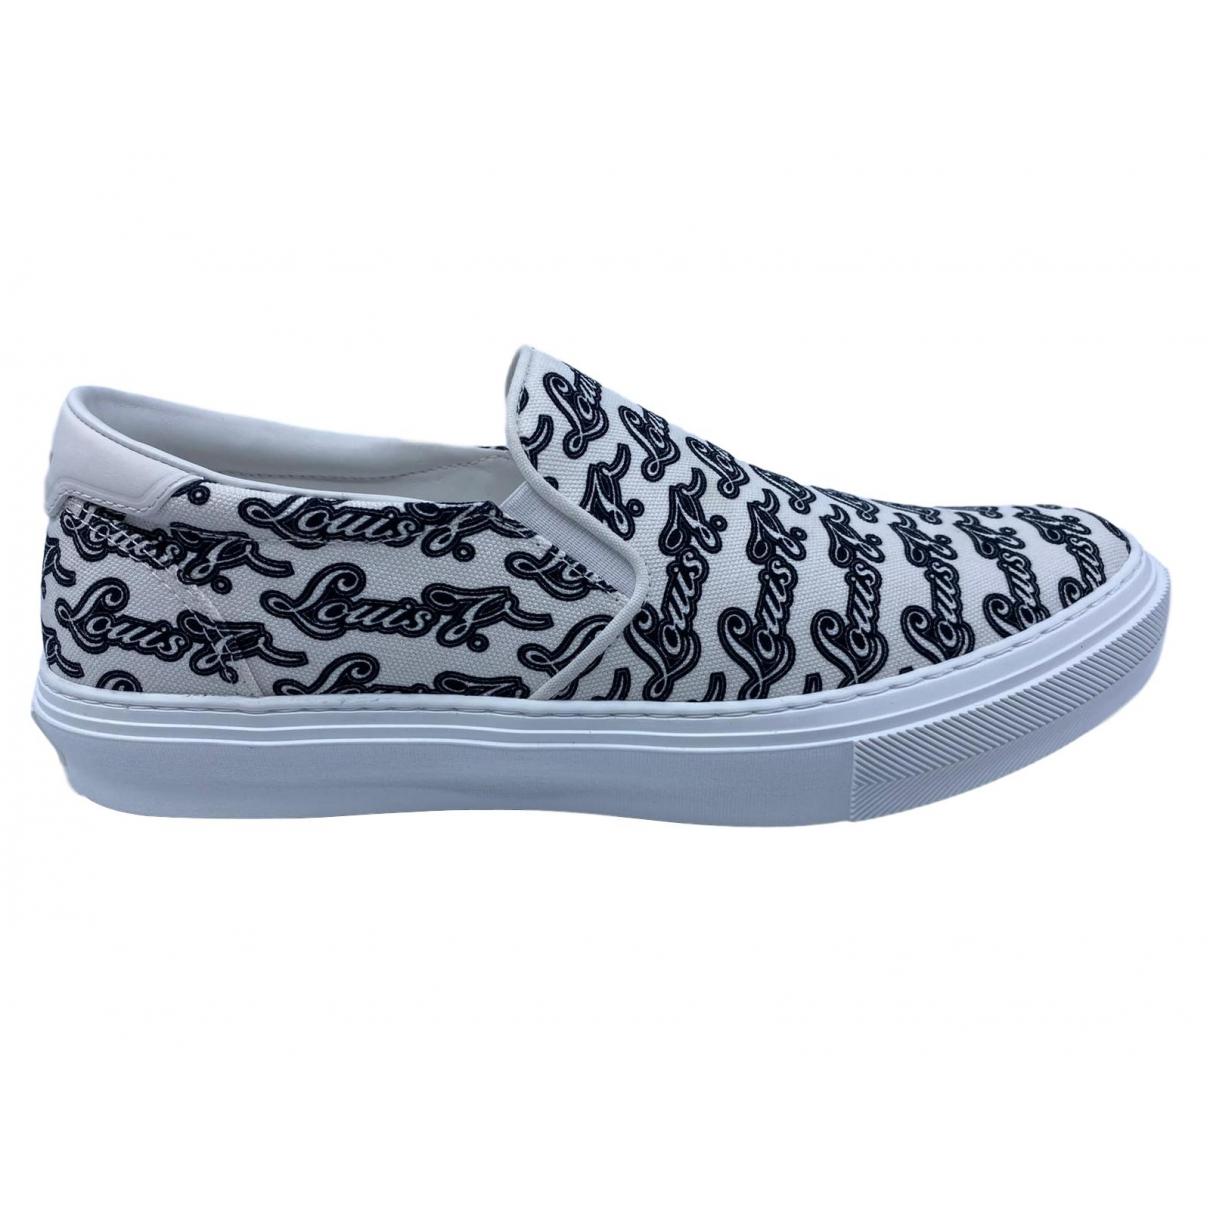 Louis Vuitton \N Sneakers in  Weiss Leinen